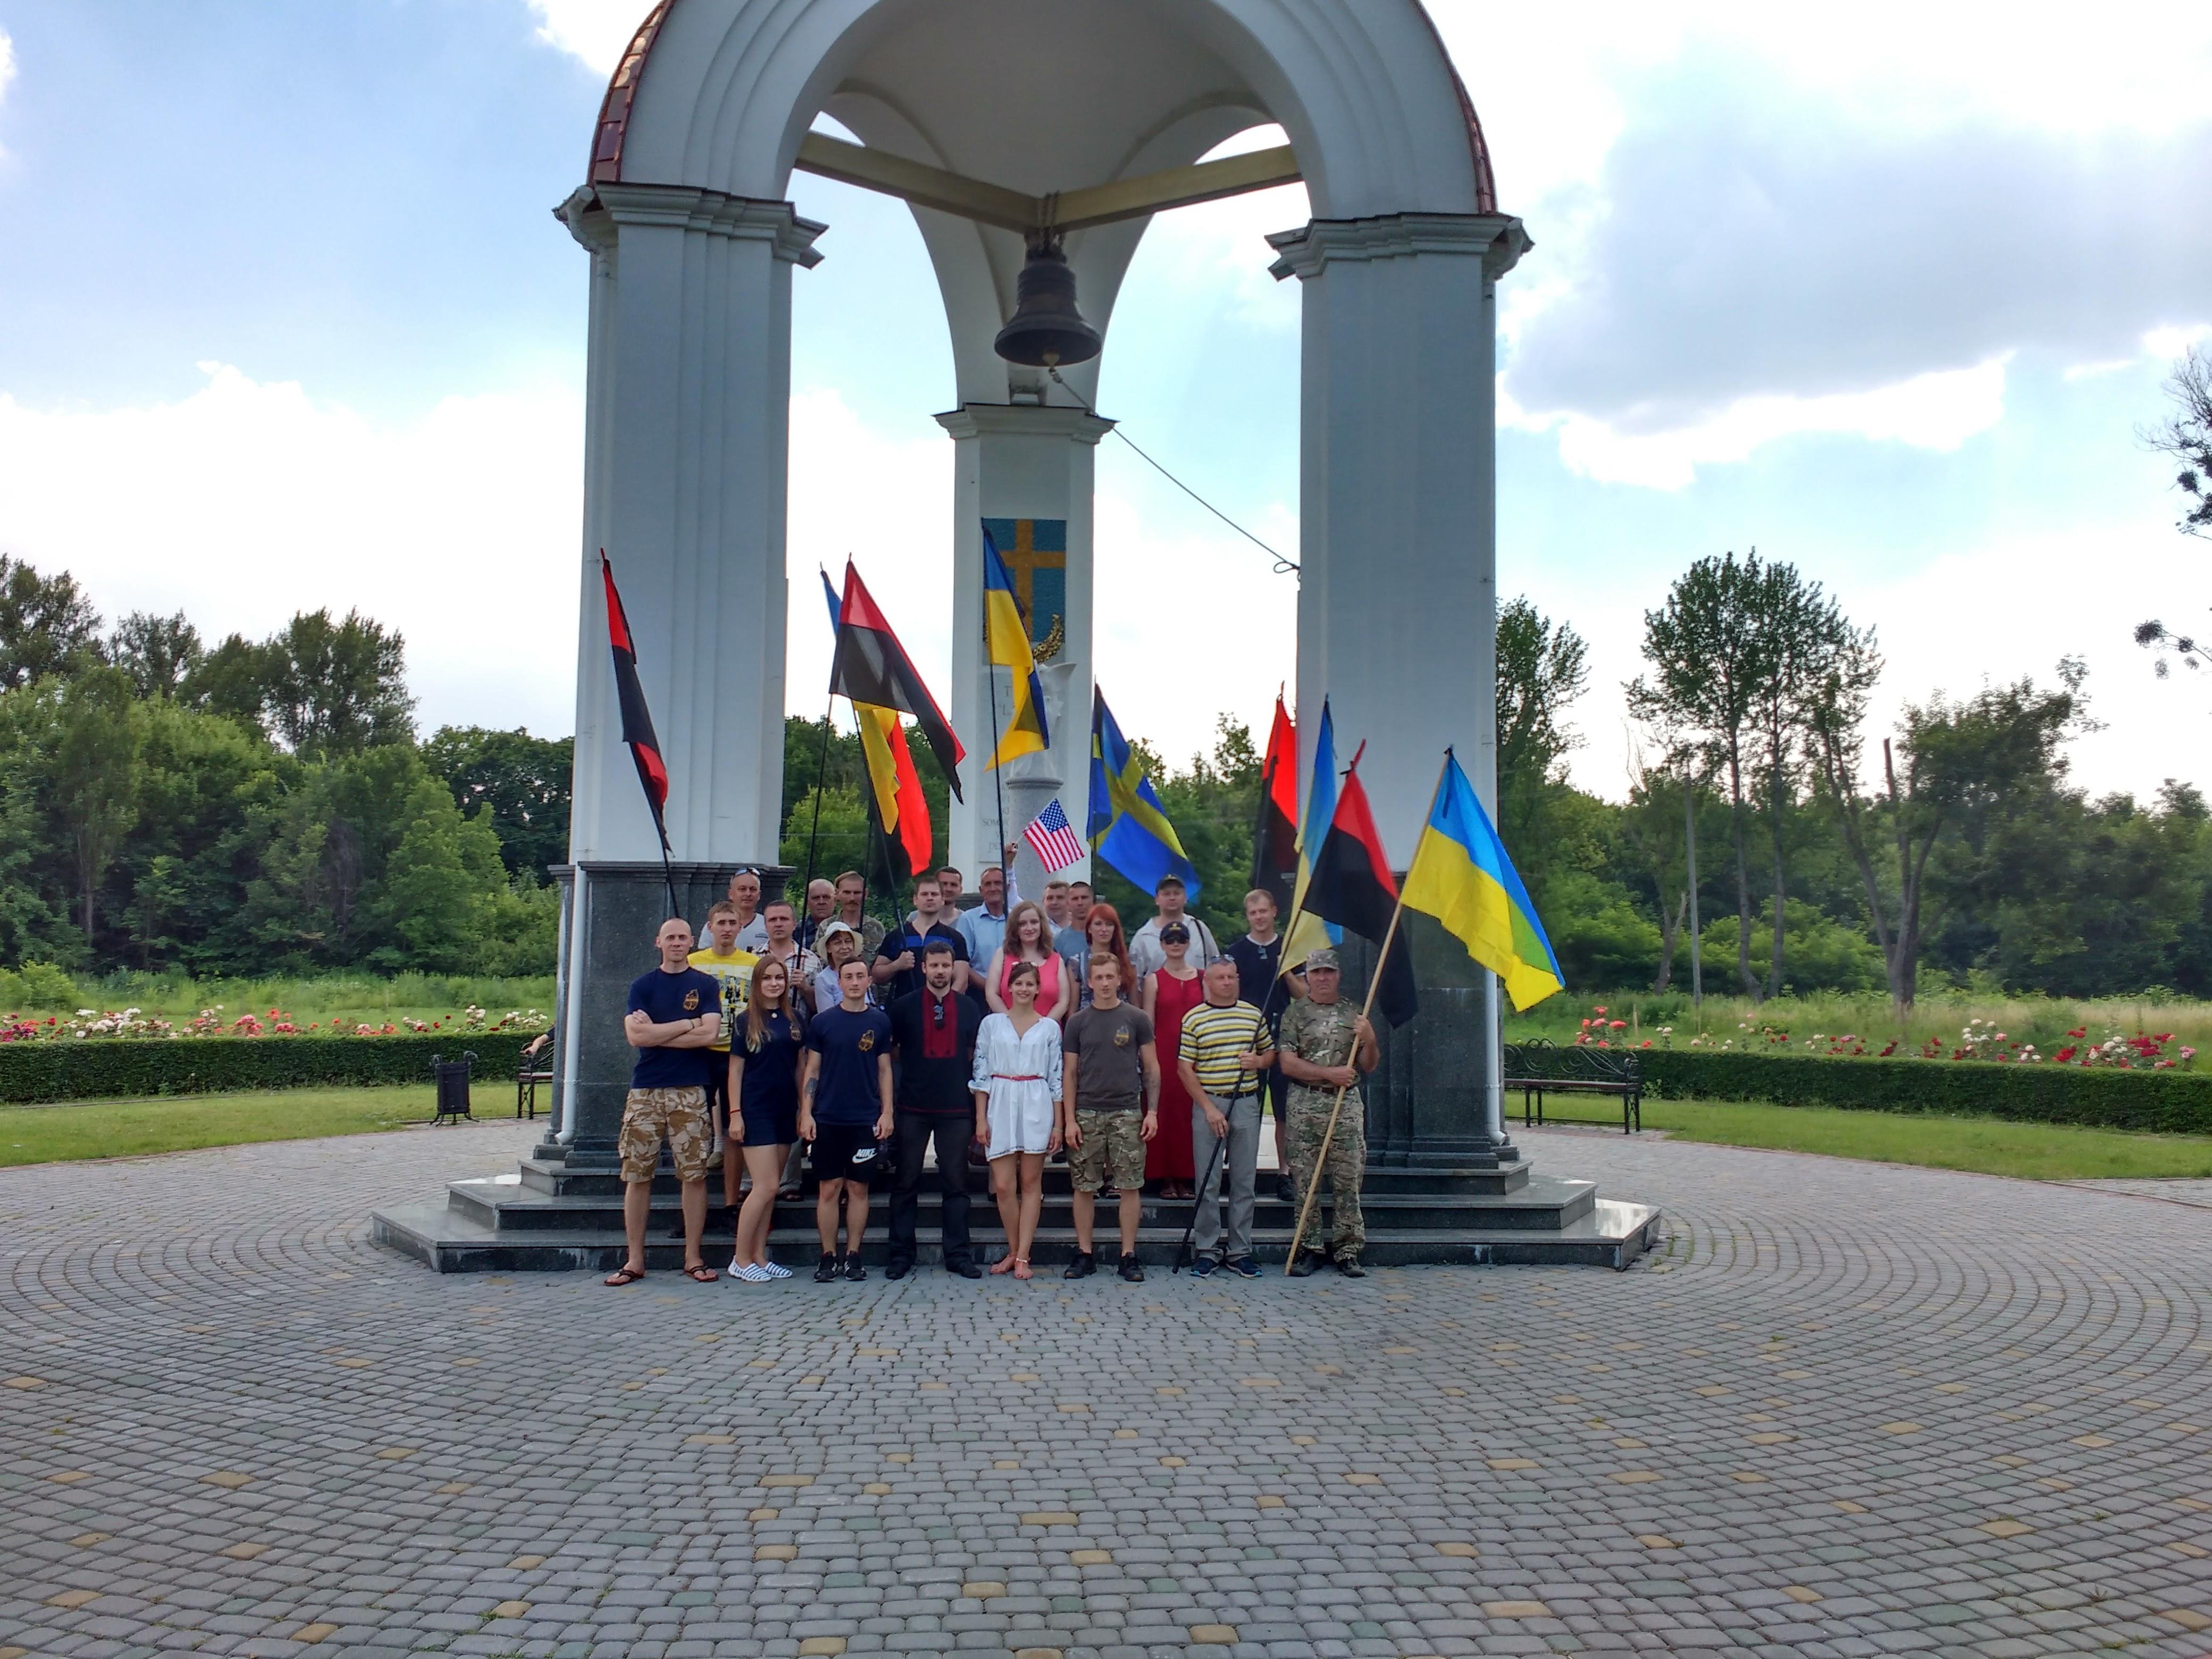 Учасники автопробігу біля Ротонди пам'яті. Фото автора.